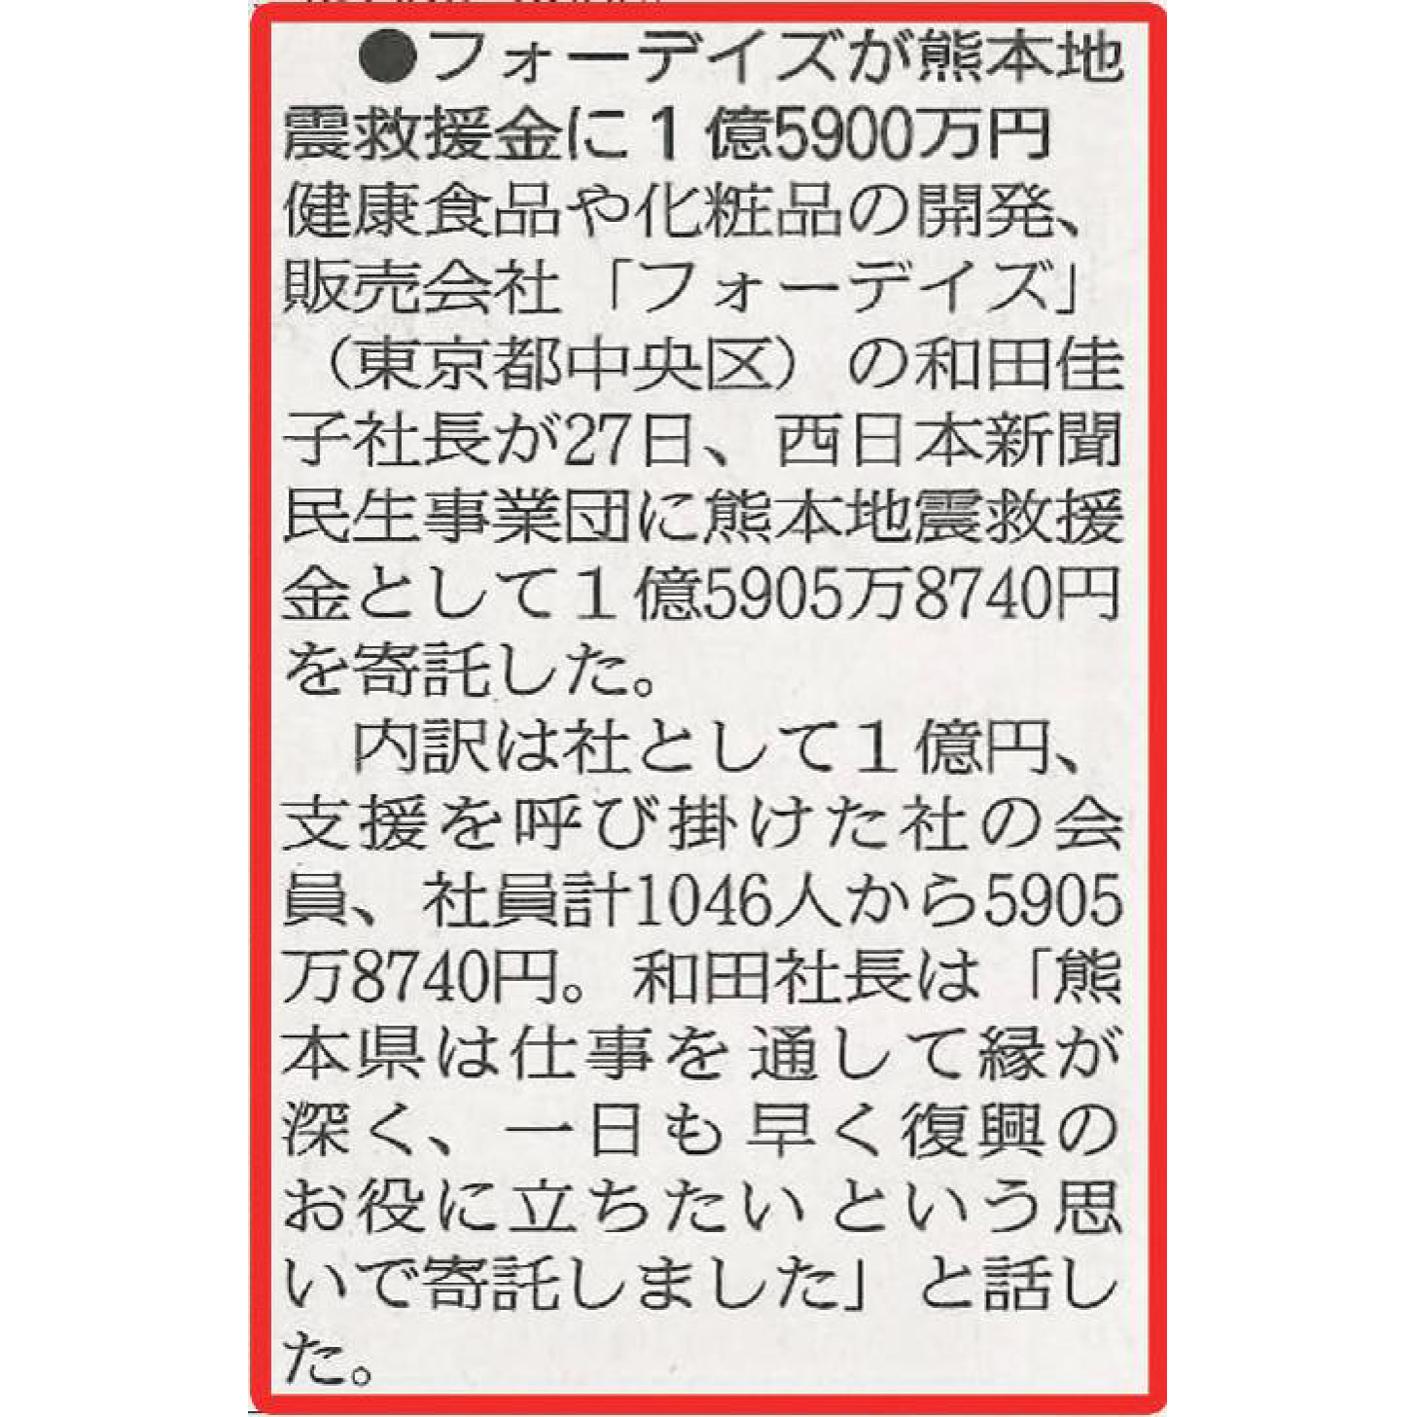 2016/5/28 西日本新聞